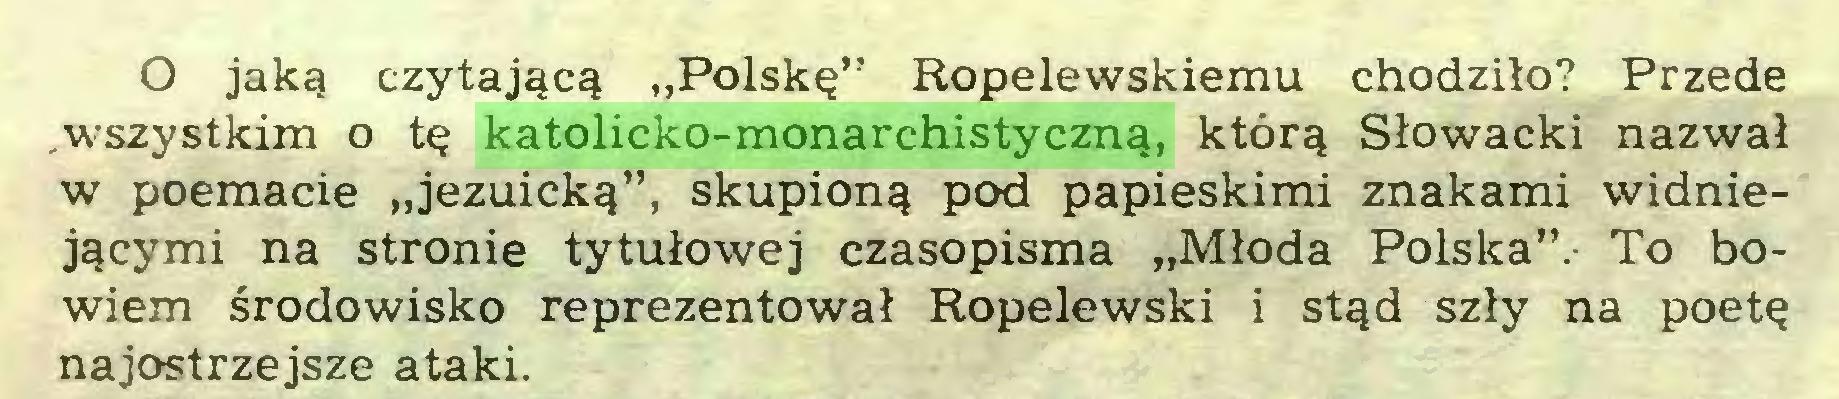 """(...) O jaką czytającą """"Polskę"""" Ropelewskiemu chodziło? Przede .wszystkim o tę katolicko-monarchistyczną, którą Słowacki nazwał w poemacie """"jezuicką"""", skupioną pod papieskimi znakami widniejącymi na stronie tytułowej czasopisma """"Młoda Polska"""".- To bowiem środowisko reprezentował Ropelewski i stąd szły na poetę najostrzejsze ataki..."""